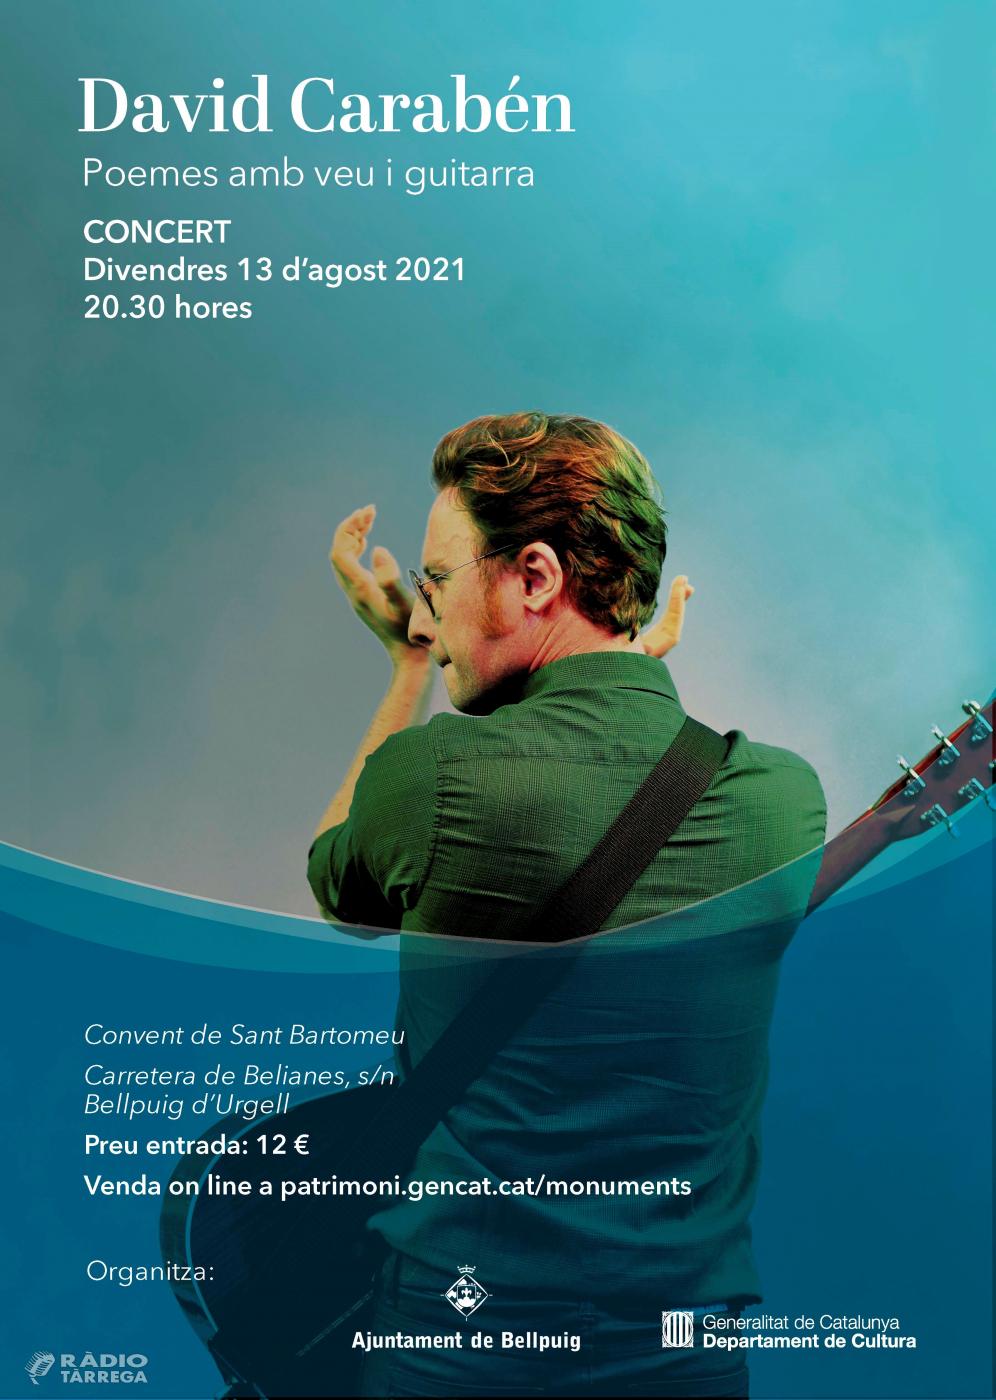 Bellpuig viu el patrimoni aquest estiu amb el concert 'Poemes amb veu i guitarra' de David Carabén al convent de Sant Bartomeu el pròxim 13 d'agost